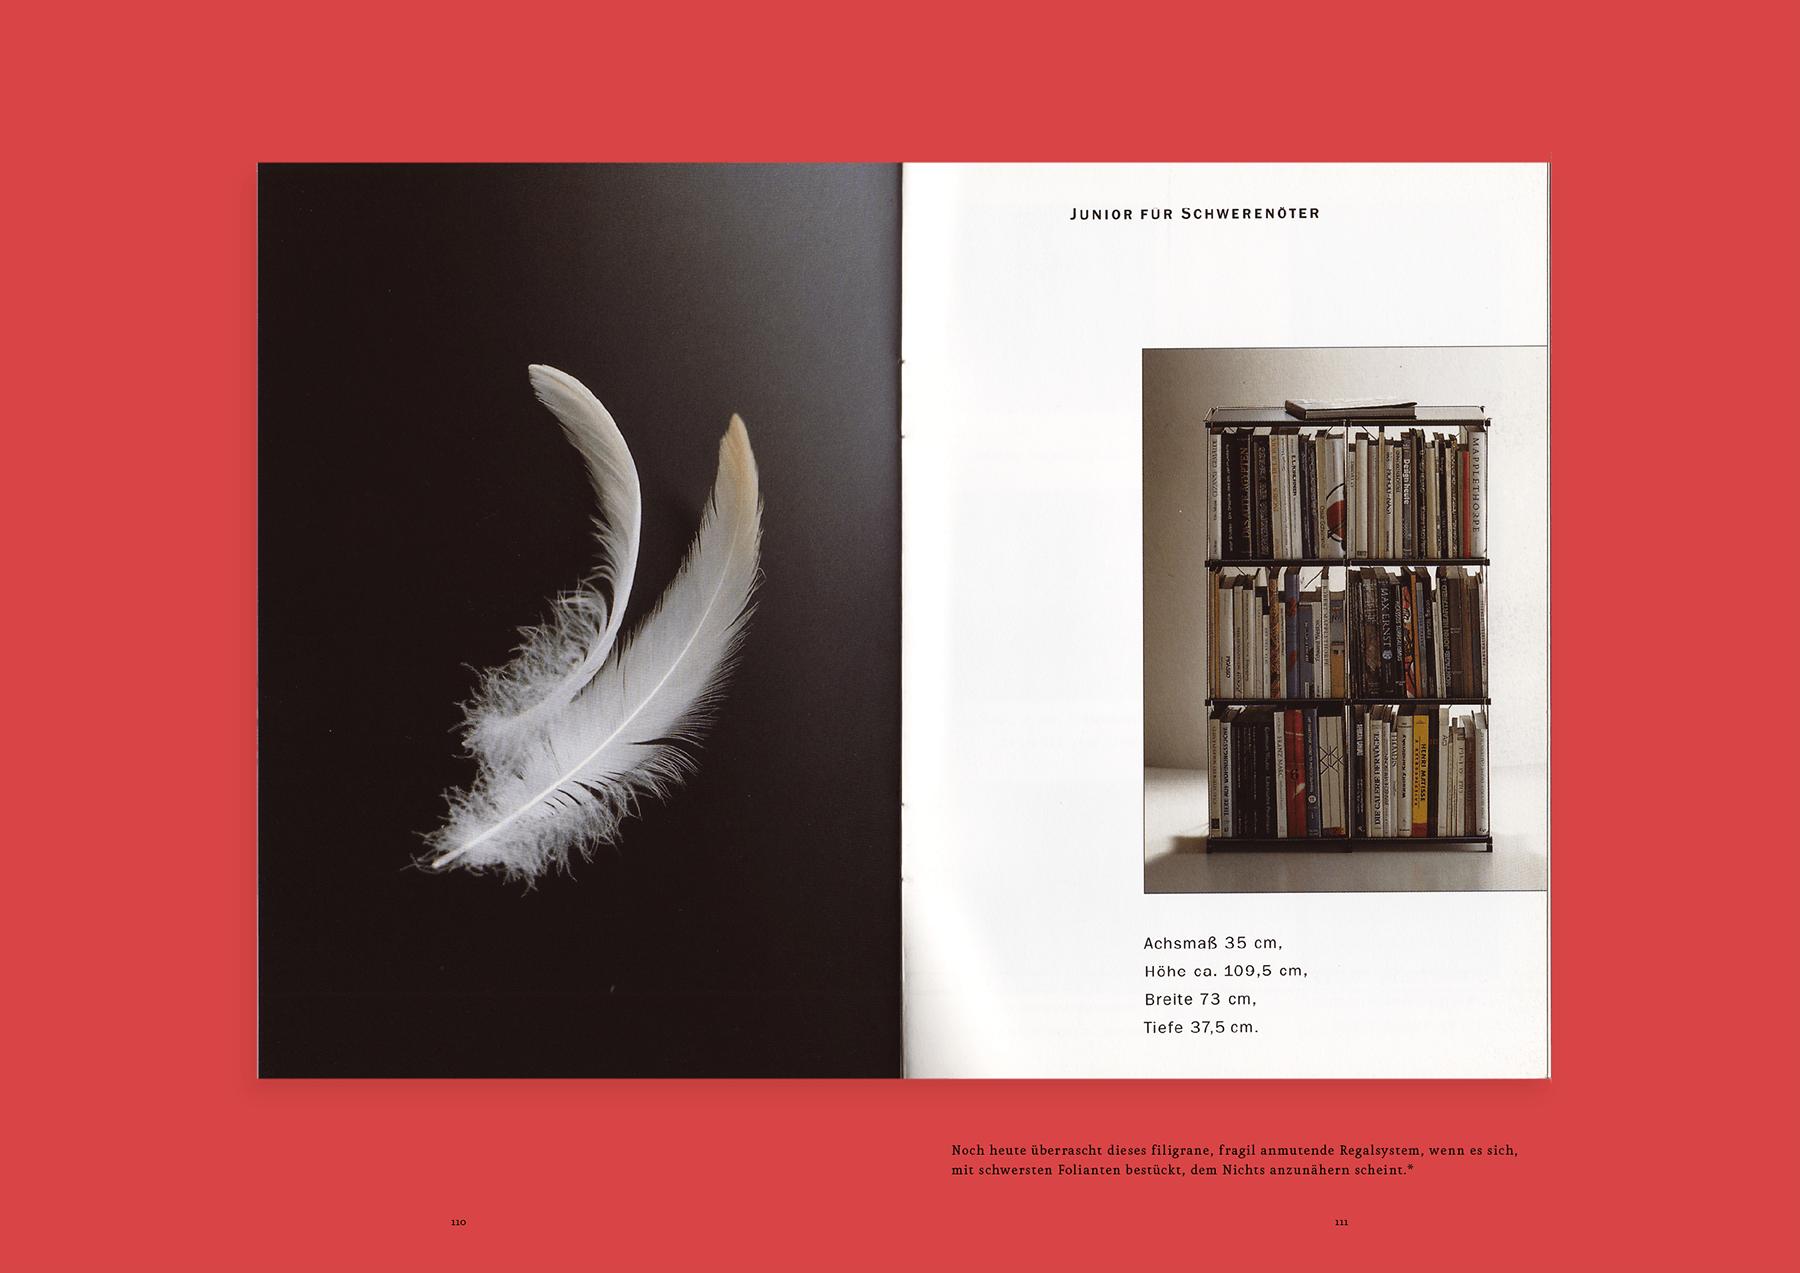 sabine-mescher-sichtung-designbilderbuch-produktbroschuere-regalsystem.png